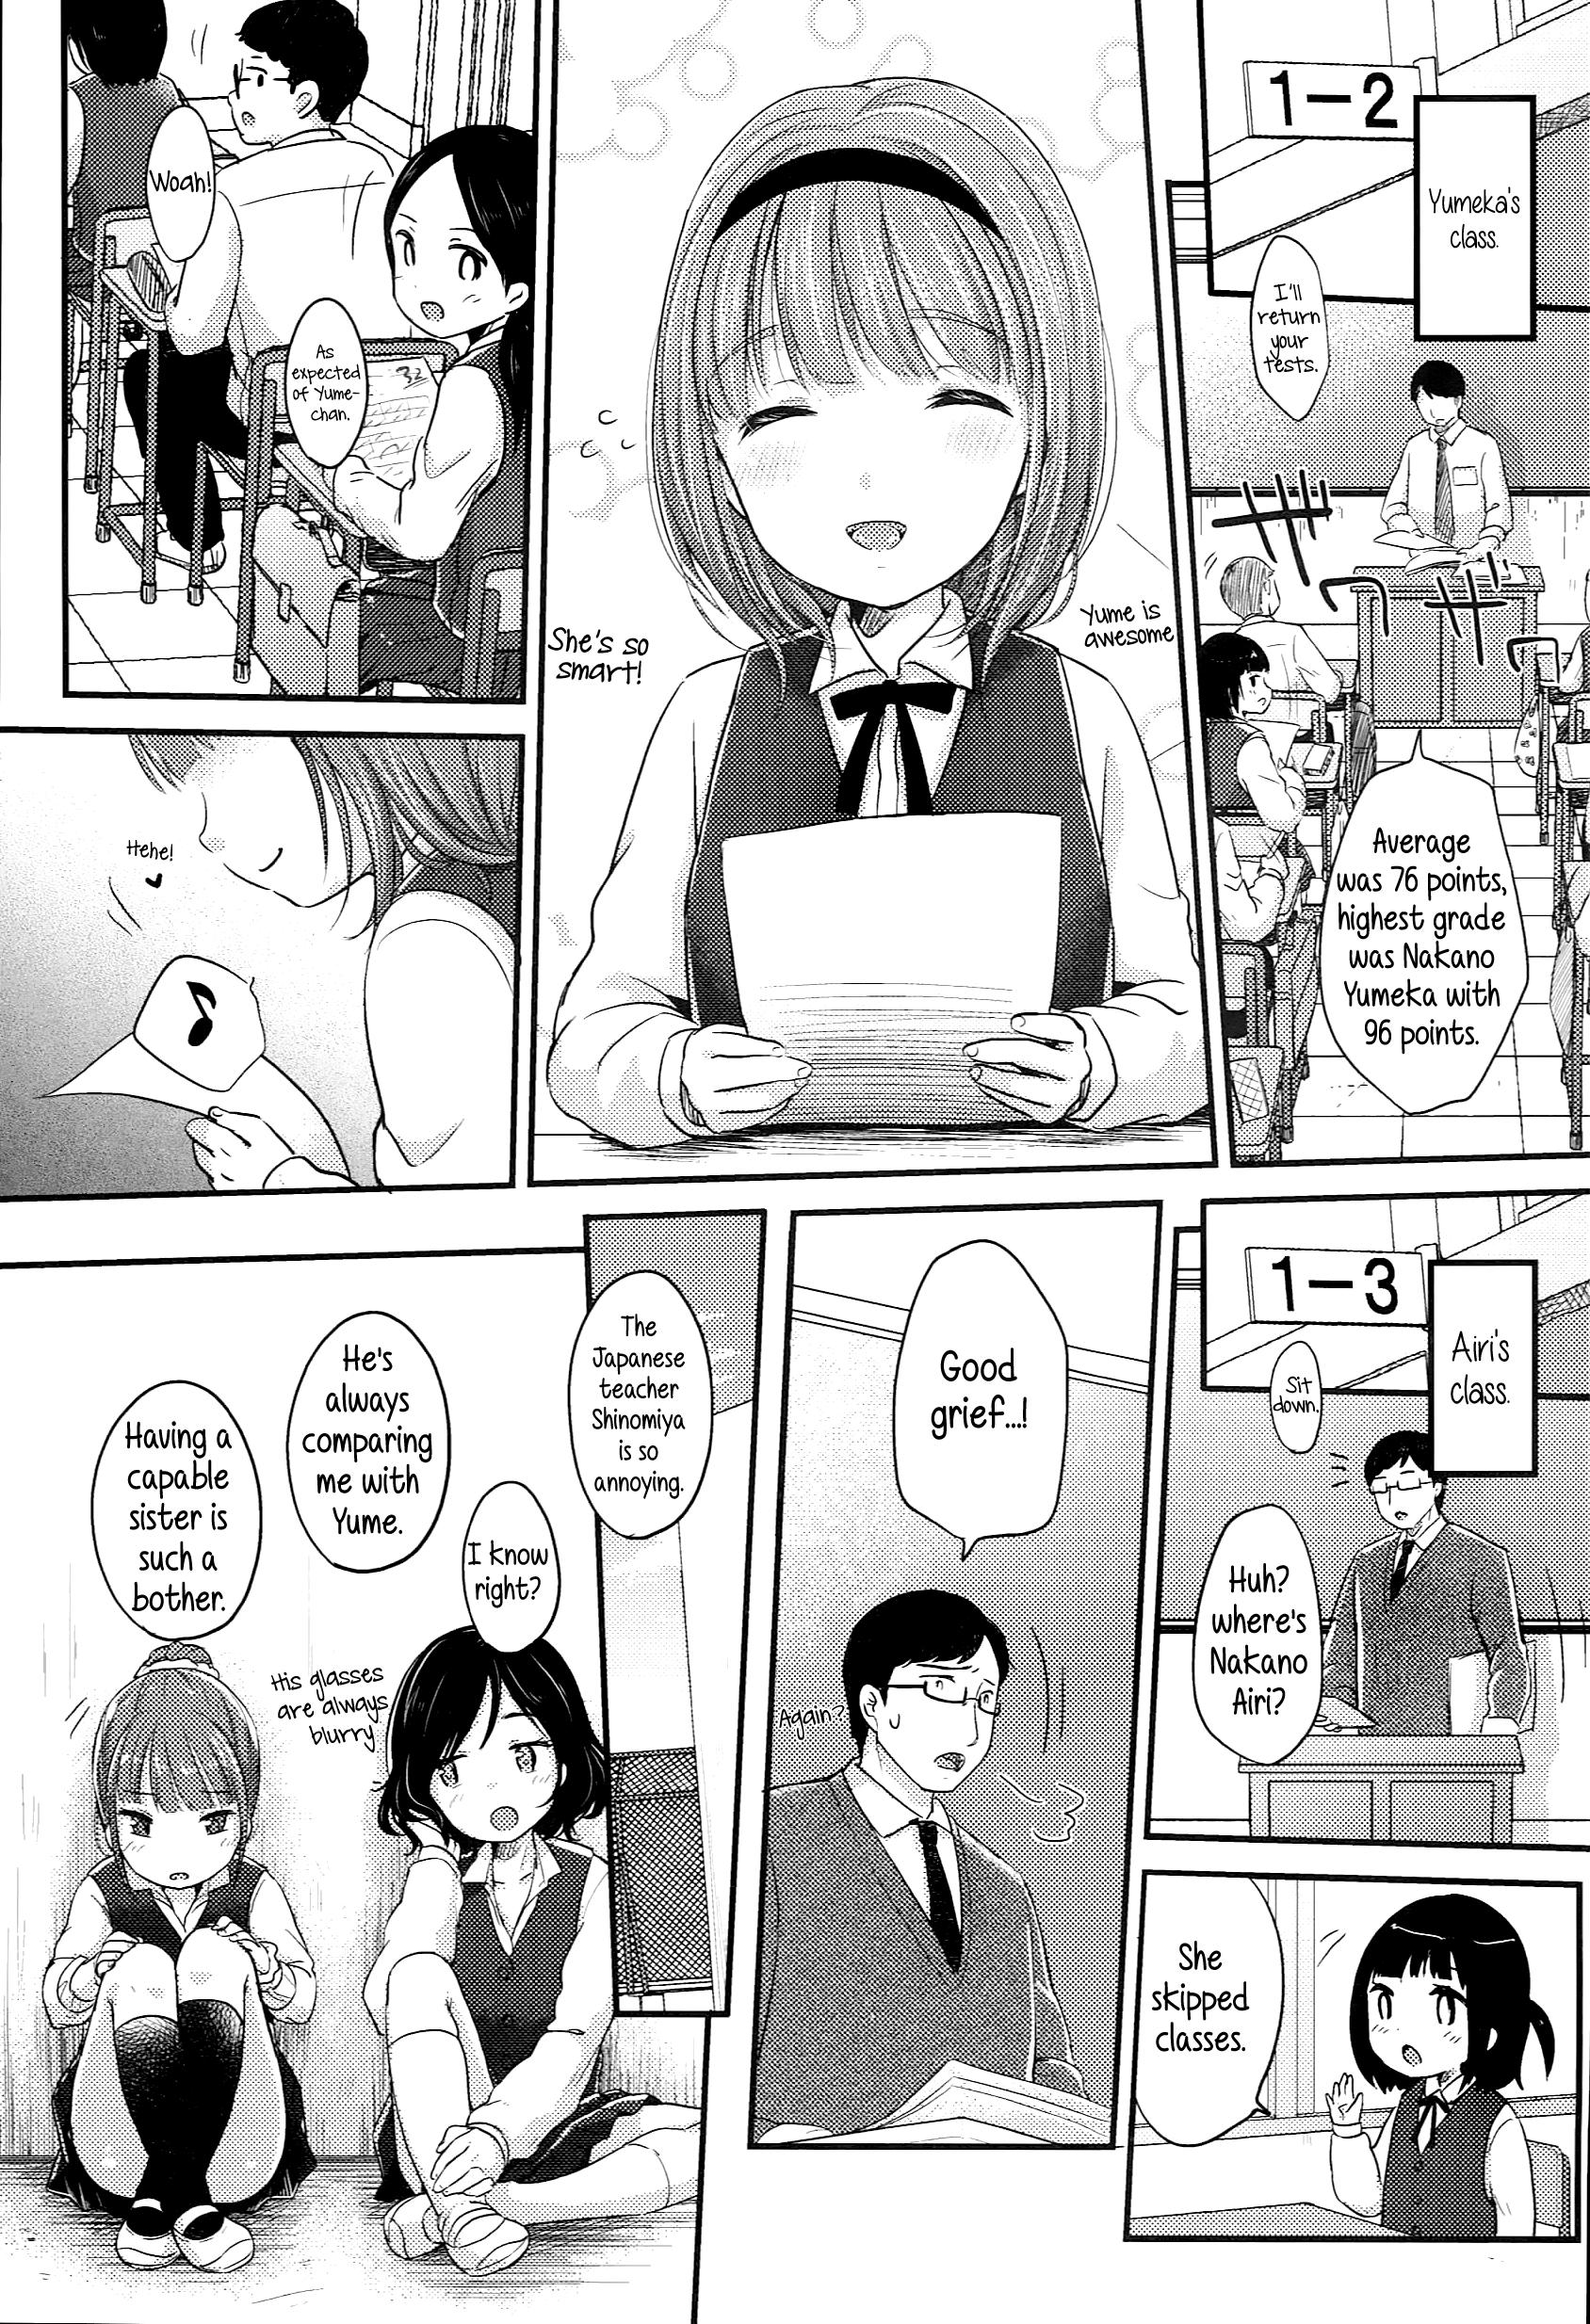 [Yukiu Con] JC Manual [English] {5 a.m.} + [Rin] 116